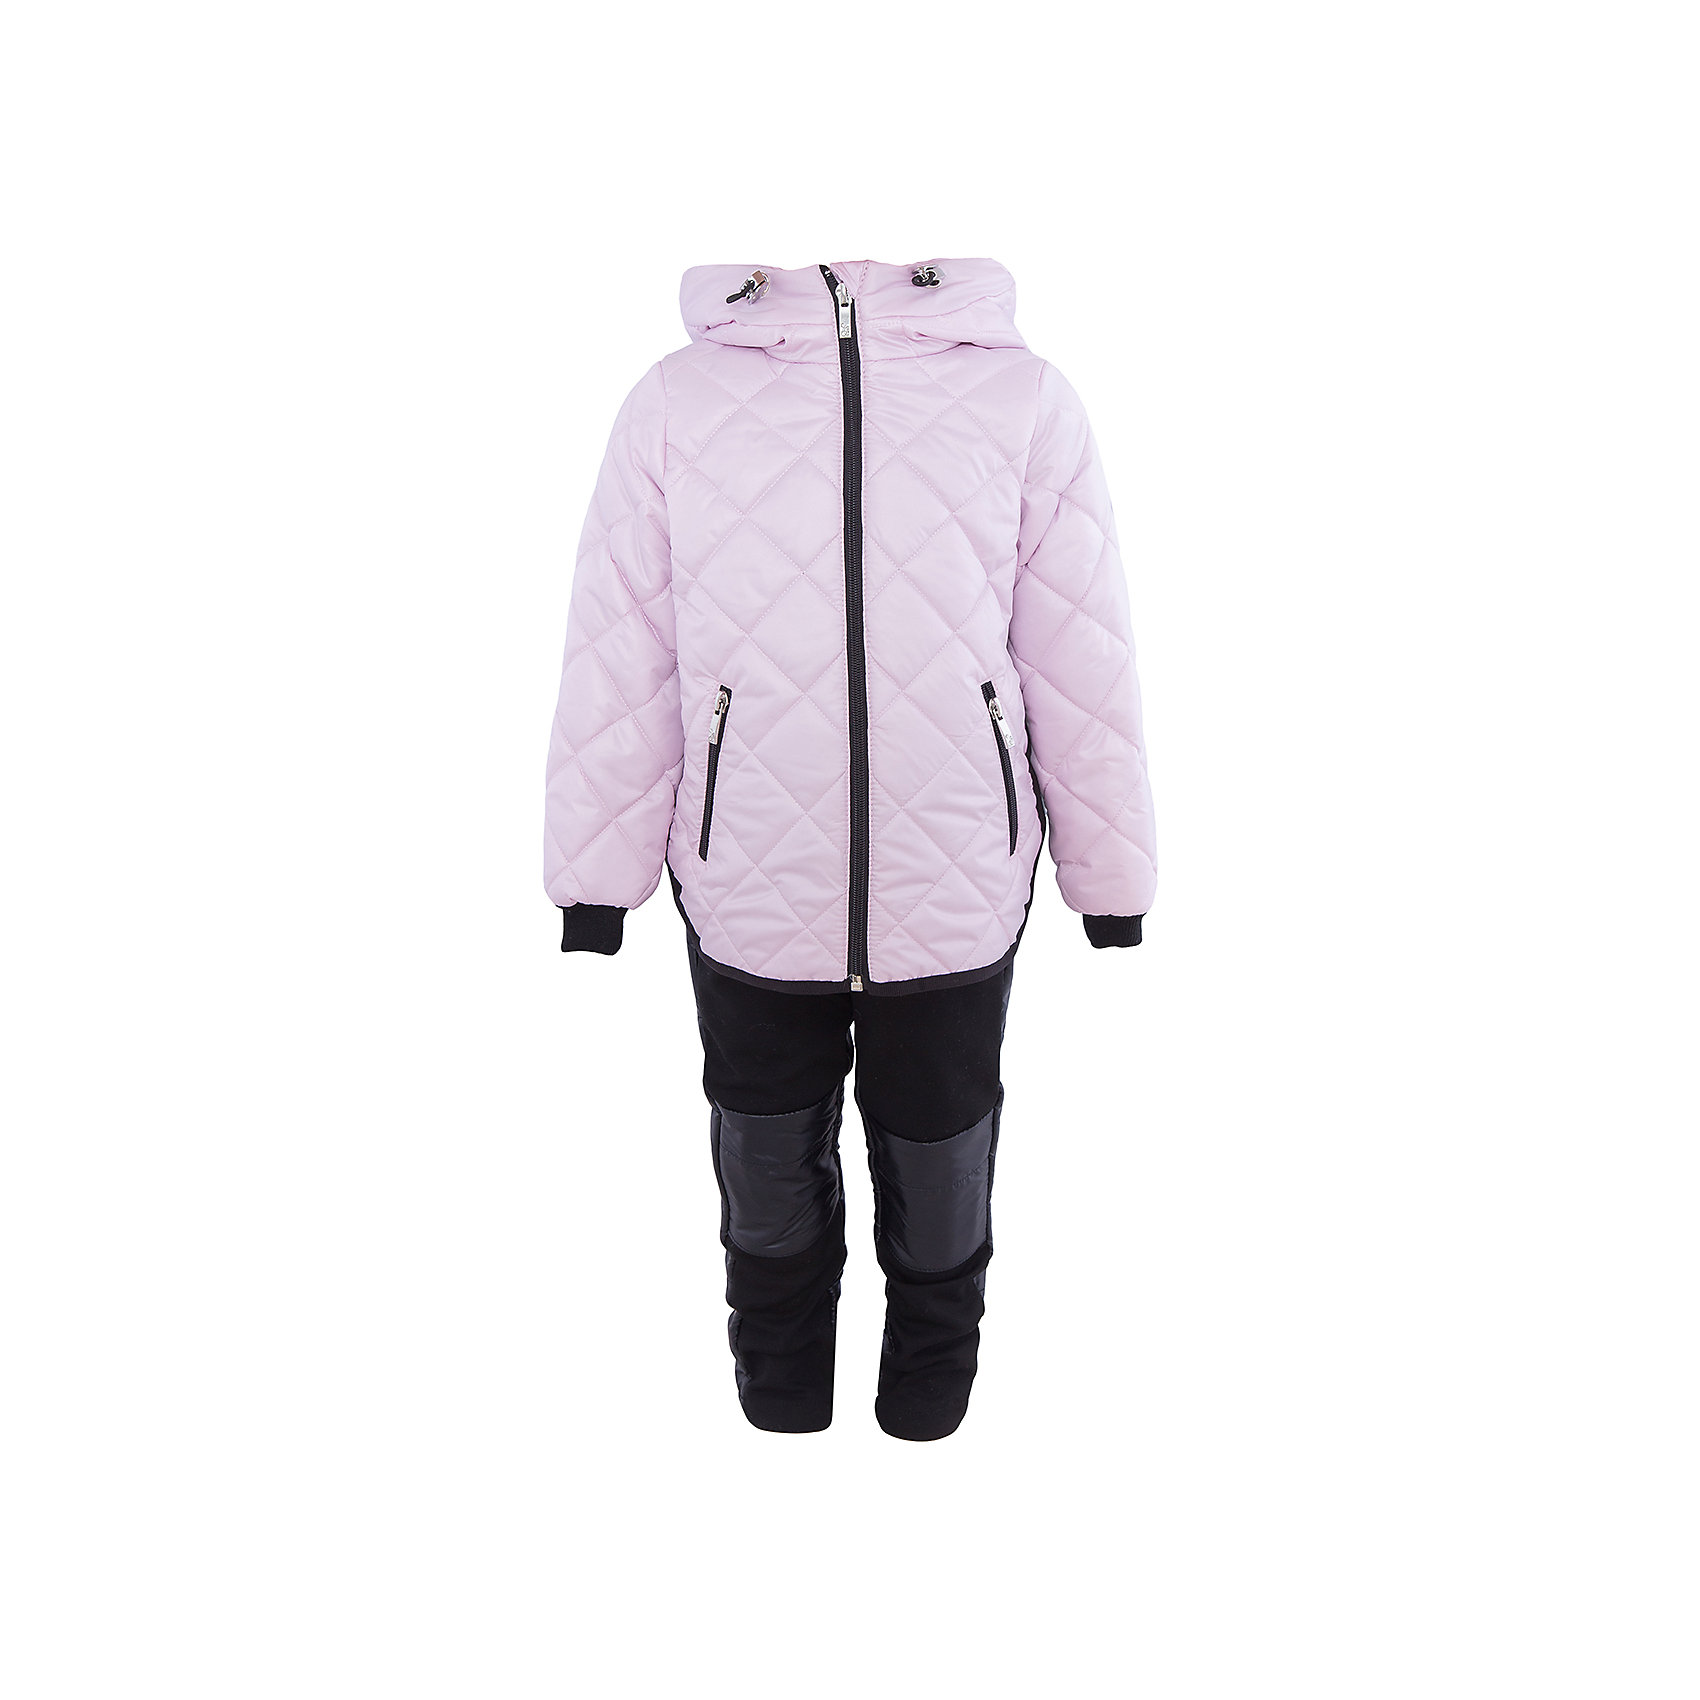 Комплект для девочки BOOM by OrbyХарактеристики товара:<br><br>• цвет: светло-розовый/черный<br>• состав: 100% полиэстер<br>• курточка: верх - таффета, подкладка - поликоттон, полиэстер, утеплитель: Flexy Fiber 150 г/м2<br>• брюки: верх - костюмный трикотаж с начесом, подкладка - флис<br>• комплектация: куртка, брюки<br>• температурный режим: от -5 С° до +10 С° <br>• капюшон (не отстегивается)<br>• карманы на молнии<br>• застежка - молния<br>• убирающаяся корона на капюшоне<br>• накладки на коленях<br>• куртка декорирована вышивкой<br>• эластичные манжеты<br>• комфортная посадка<br>• страна производства: Российская Федерация<br>• страна бренда: Российская Федерация<br>• коллекция: весна-лето 2017<br><br>Такой комплект - универсальный вариант для межсезонья с постоянно меняющейся погодой. Эта модель - модная и удобная одновременно! Изделие отличается стильным ярким дизайном. Куртка и брюки хорошо сидят по фигуре, отлично сочетается с различной обувью. Модель была разработана специально для детей.<br><br>Одежда от российского бренда BOOM by Orby уже завоевала популярностью у многих детей и их родителей. Вещи, выпускаемые компанией, качественные, продуманные и очень удобные. Для производства коллекций используются только безопасные для детей материалы. Спешите приобрести модели из новой коллекции Весна-лето 2017! <br><br>Комплект для девочки от бренда BOOM by Orby можно купить в нашем интернет-магазине.<br><br>Ширина мм: 356<br>Глубина мм: 10<br>Высота мм: 245<br>Вес г: 519<br>Цвет: розовый<br>Возраст от месяцев: 12<br>Возраст до месяцев: 18<br>Пол: Женский<br>Возраст: Детский<br>Размер: 86,104,122,116,110,98,92<br>SKU: 5343157